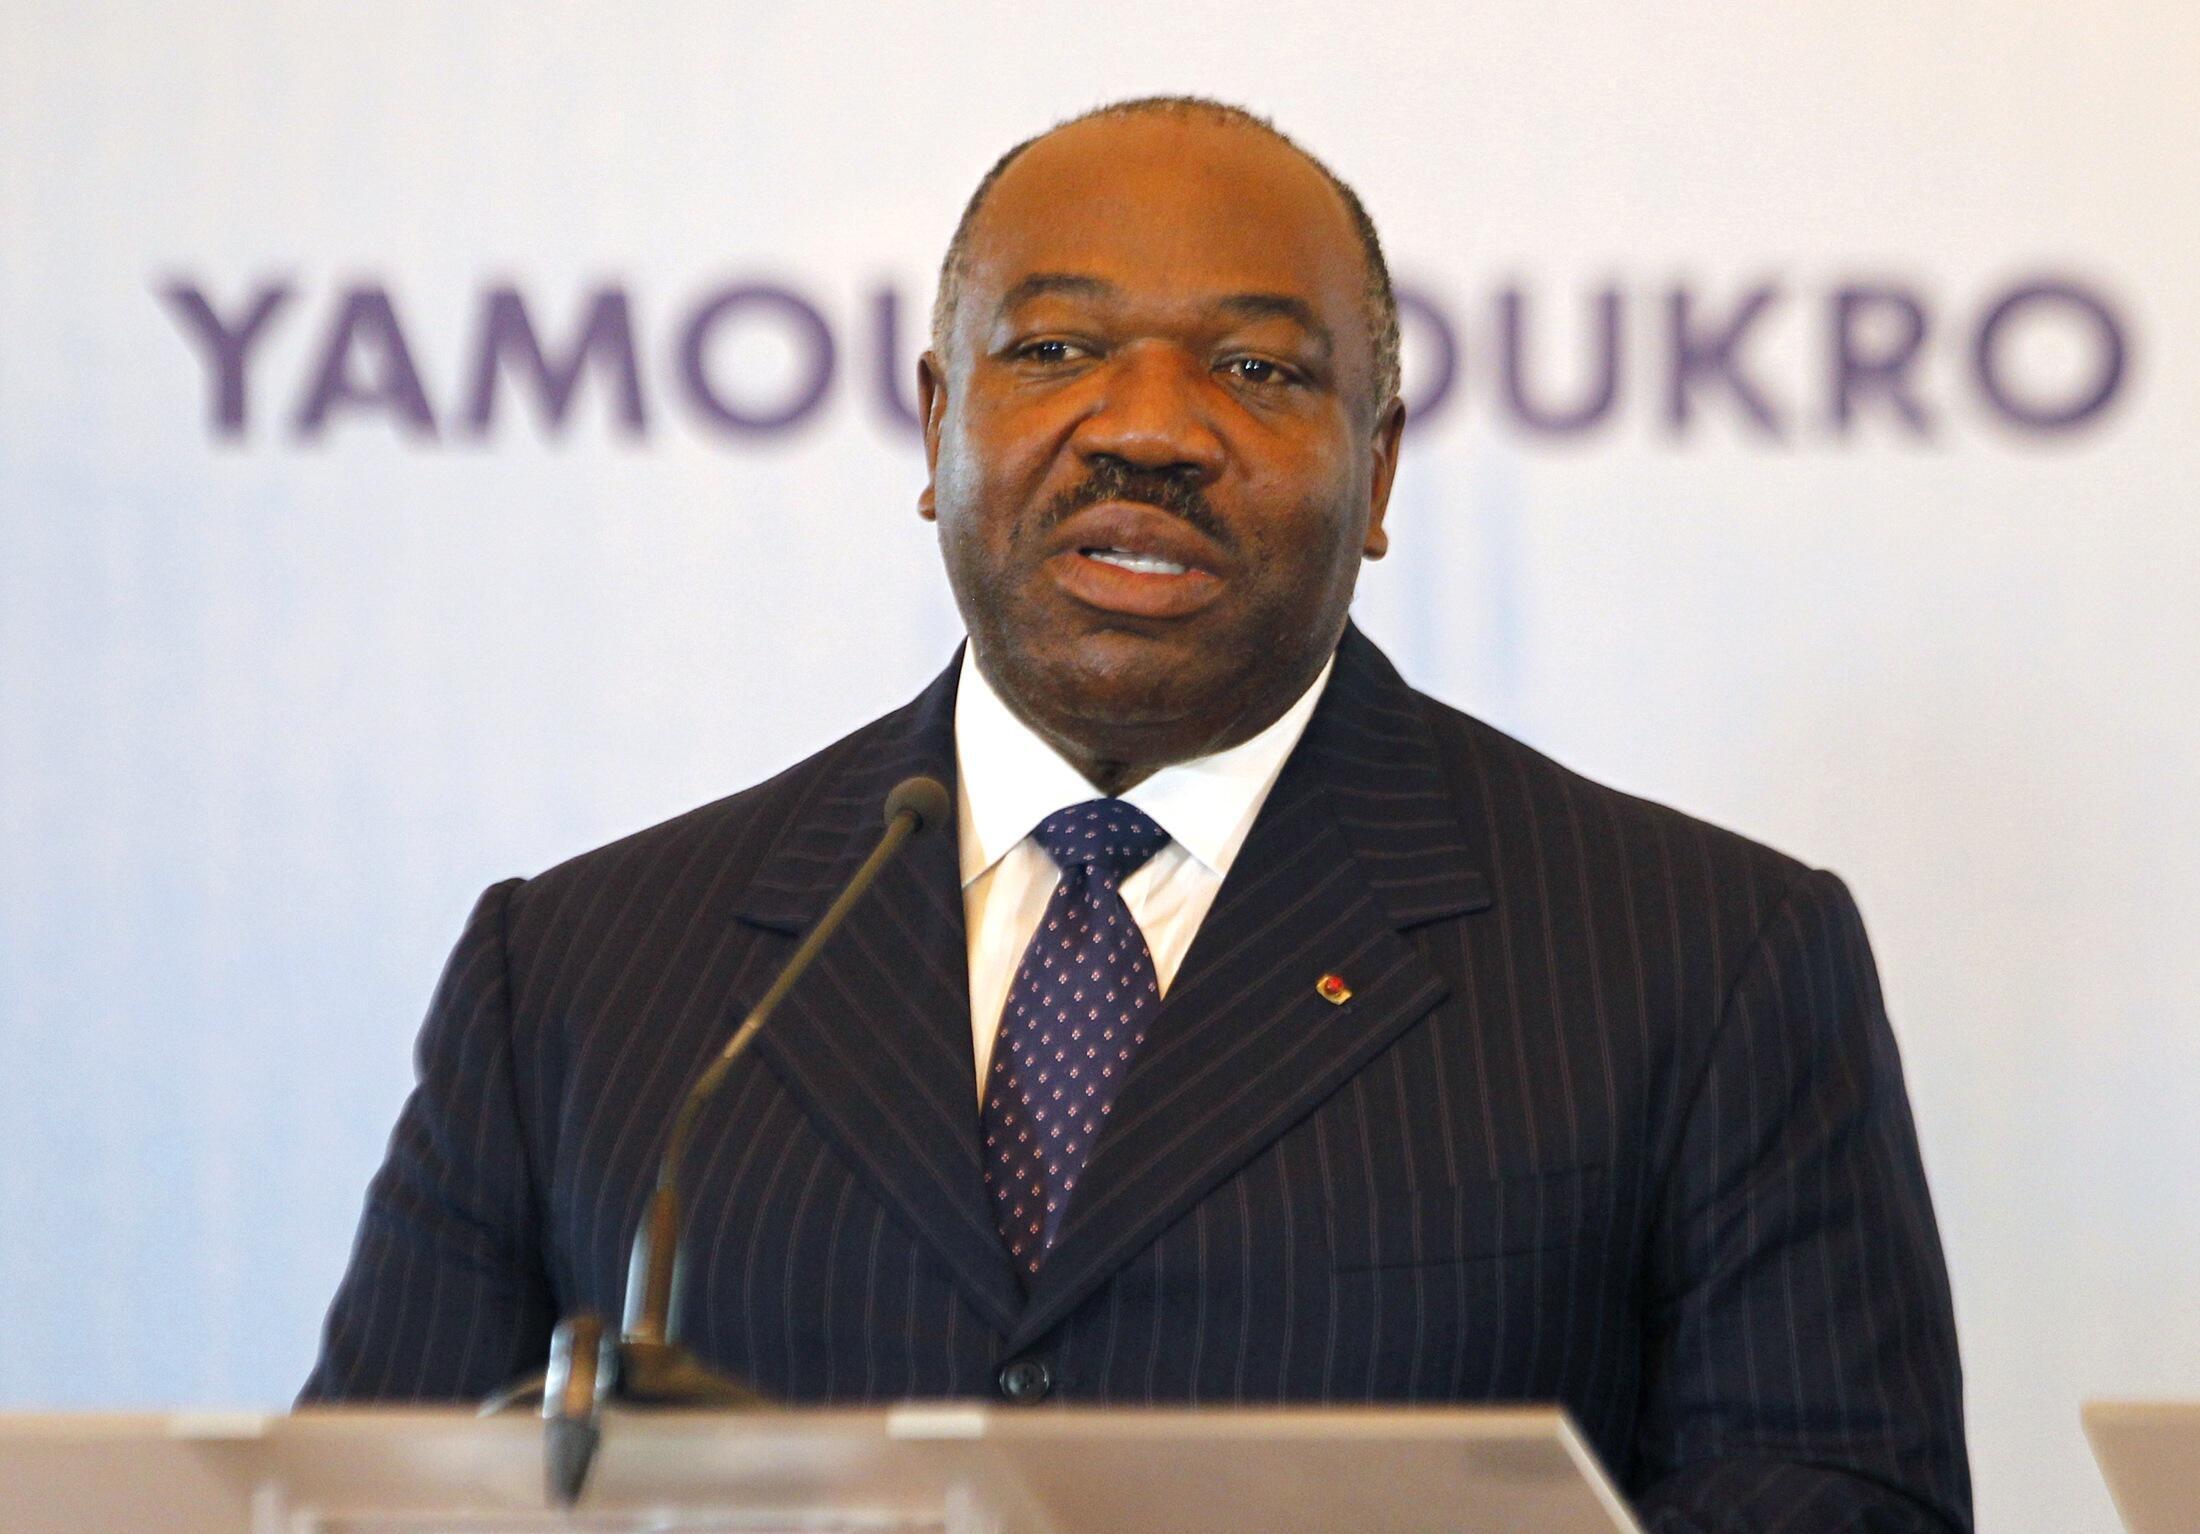 Le président gabonais Ali Bongo, le 26 novembre 2014 à Yamoussoukro, en Côte d'Ivoire.